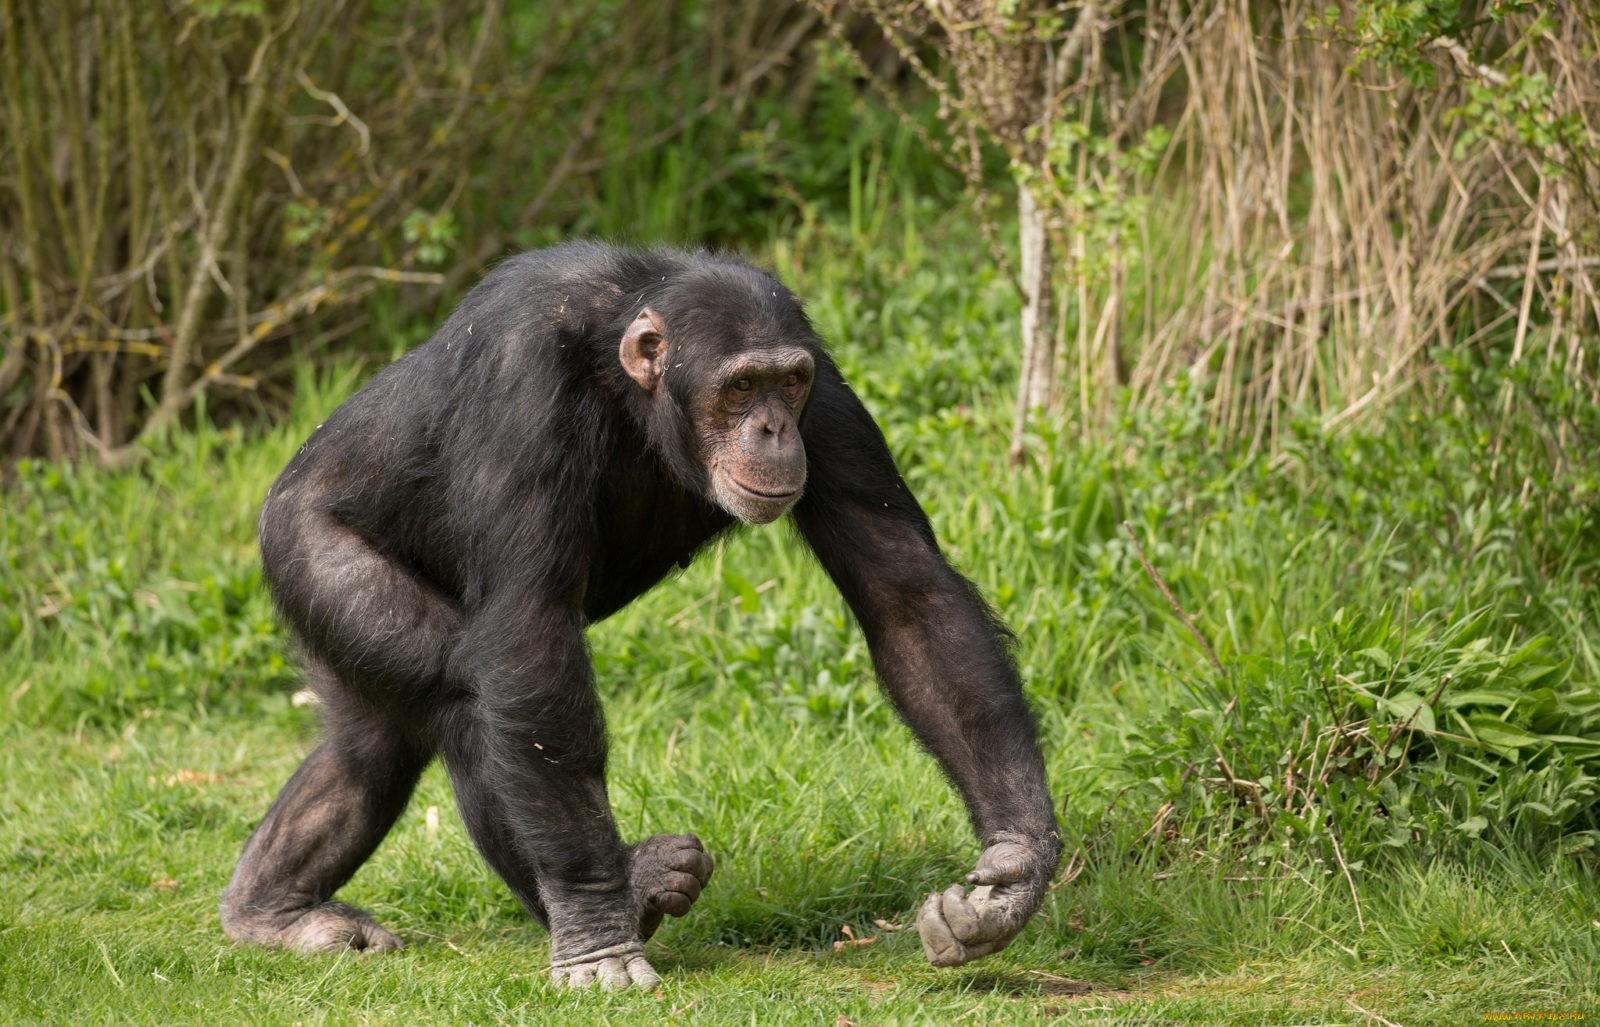 Фото обезьяны шимпанзе